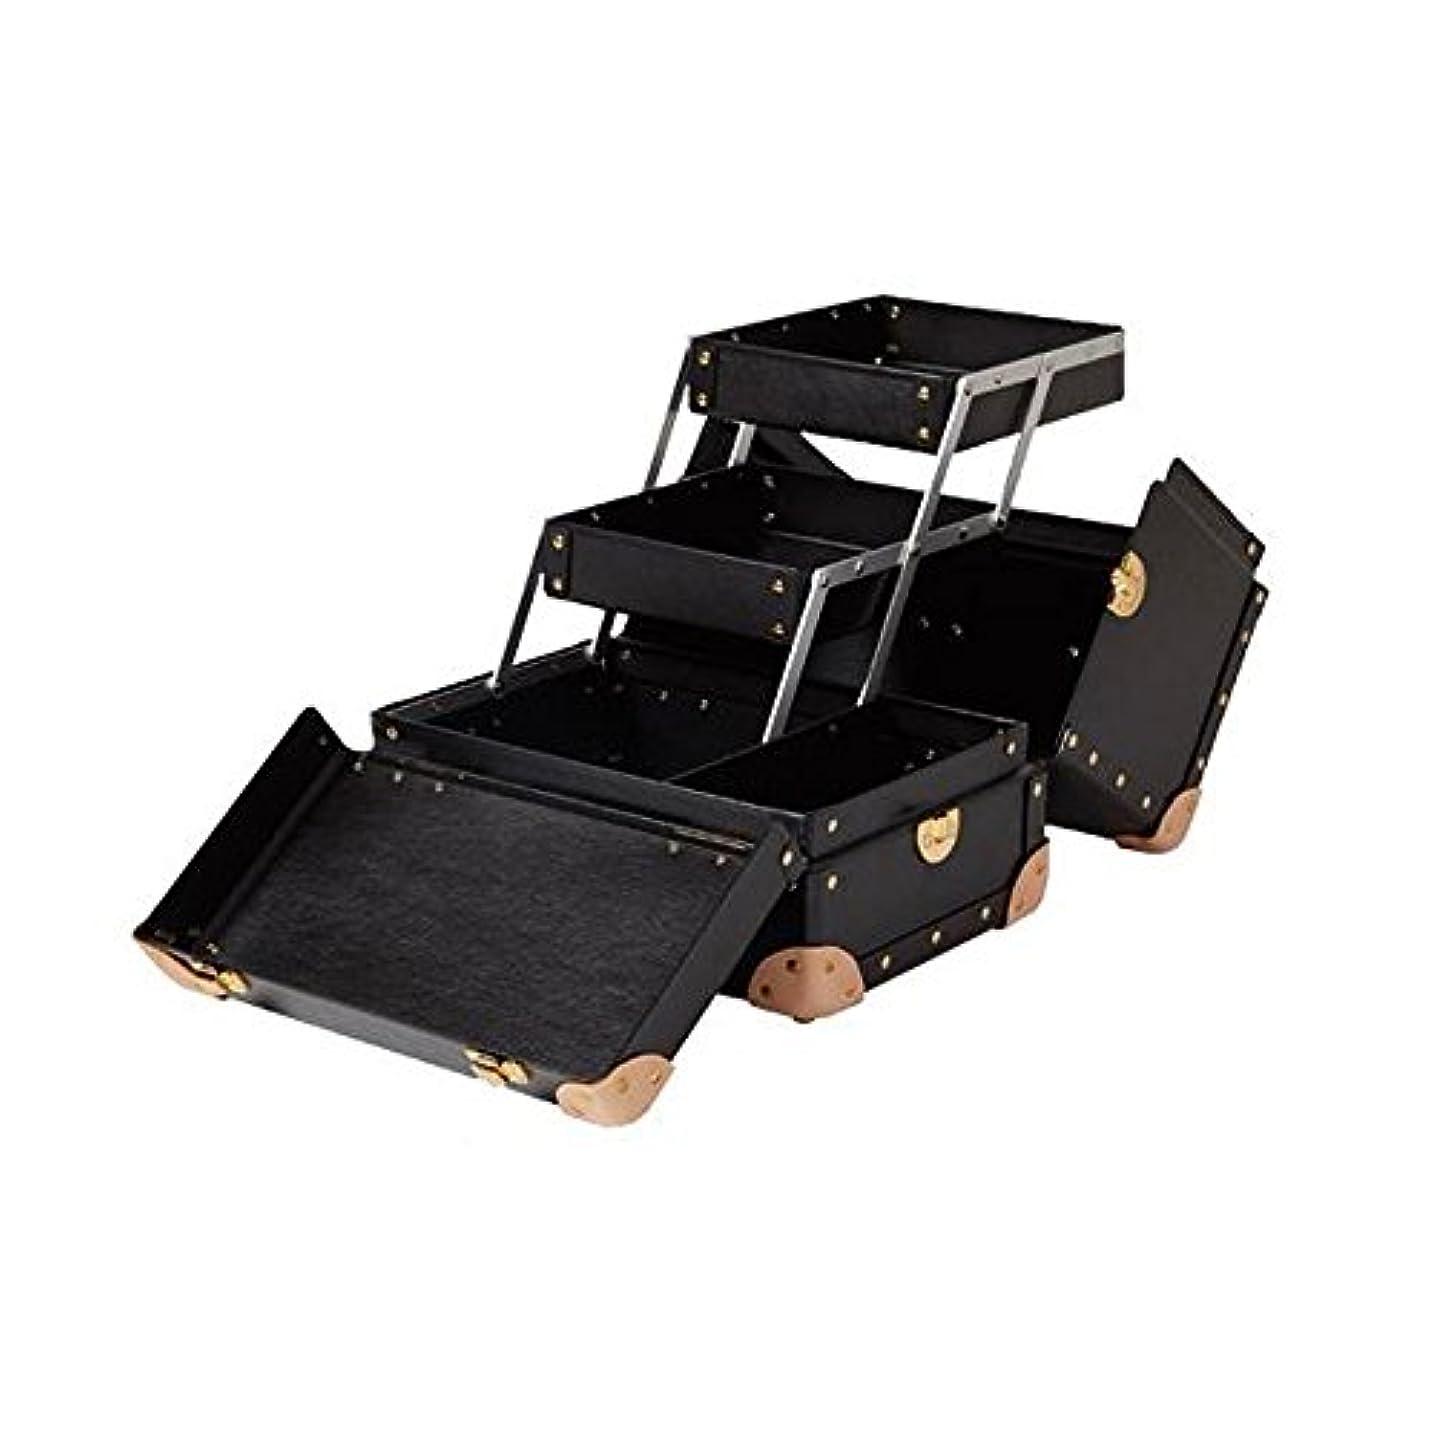 立場優しさ過度のTIMEVOYAGER タイムボイジャー Collection Bag Lサイズ ブラック